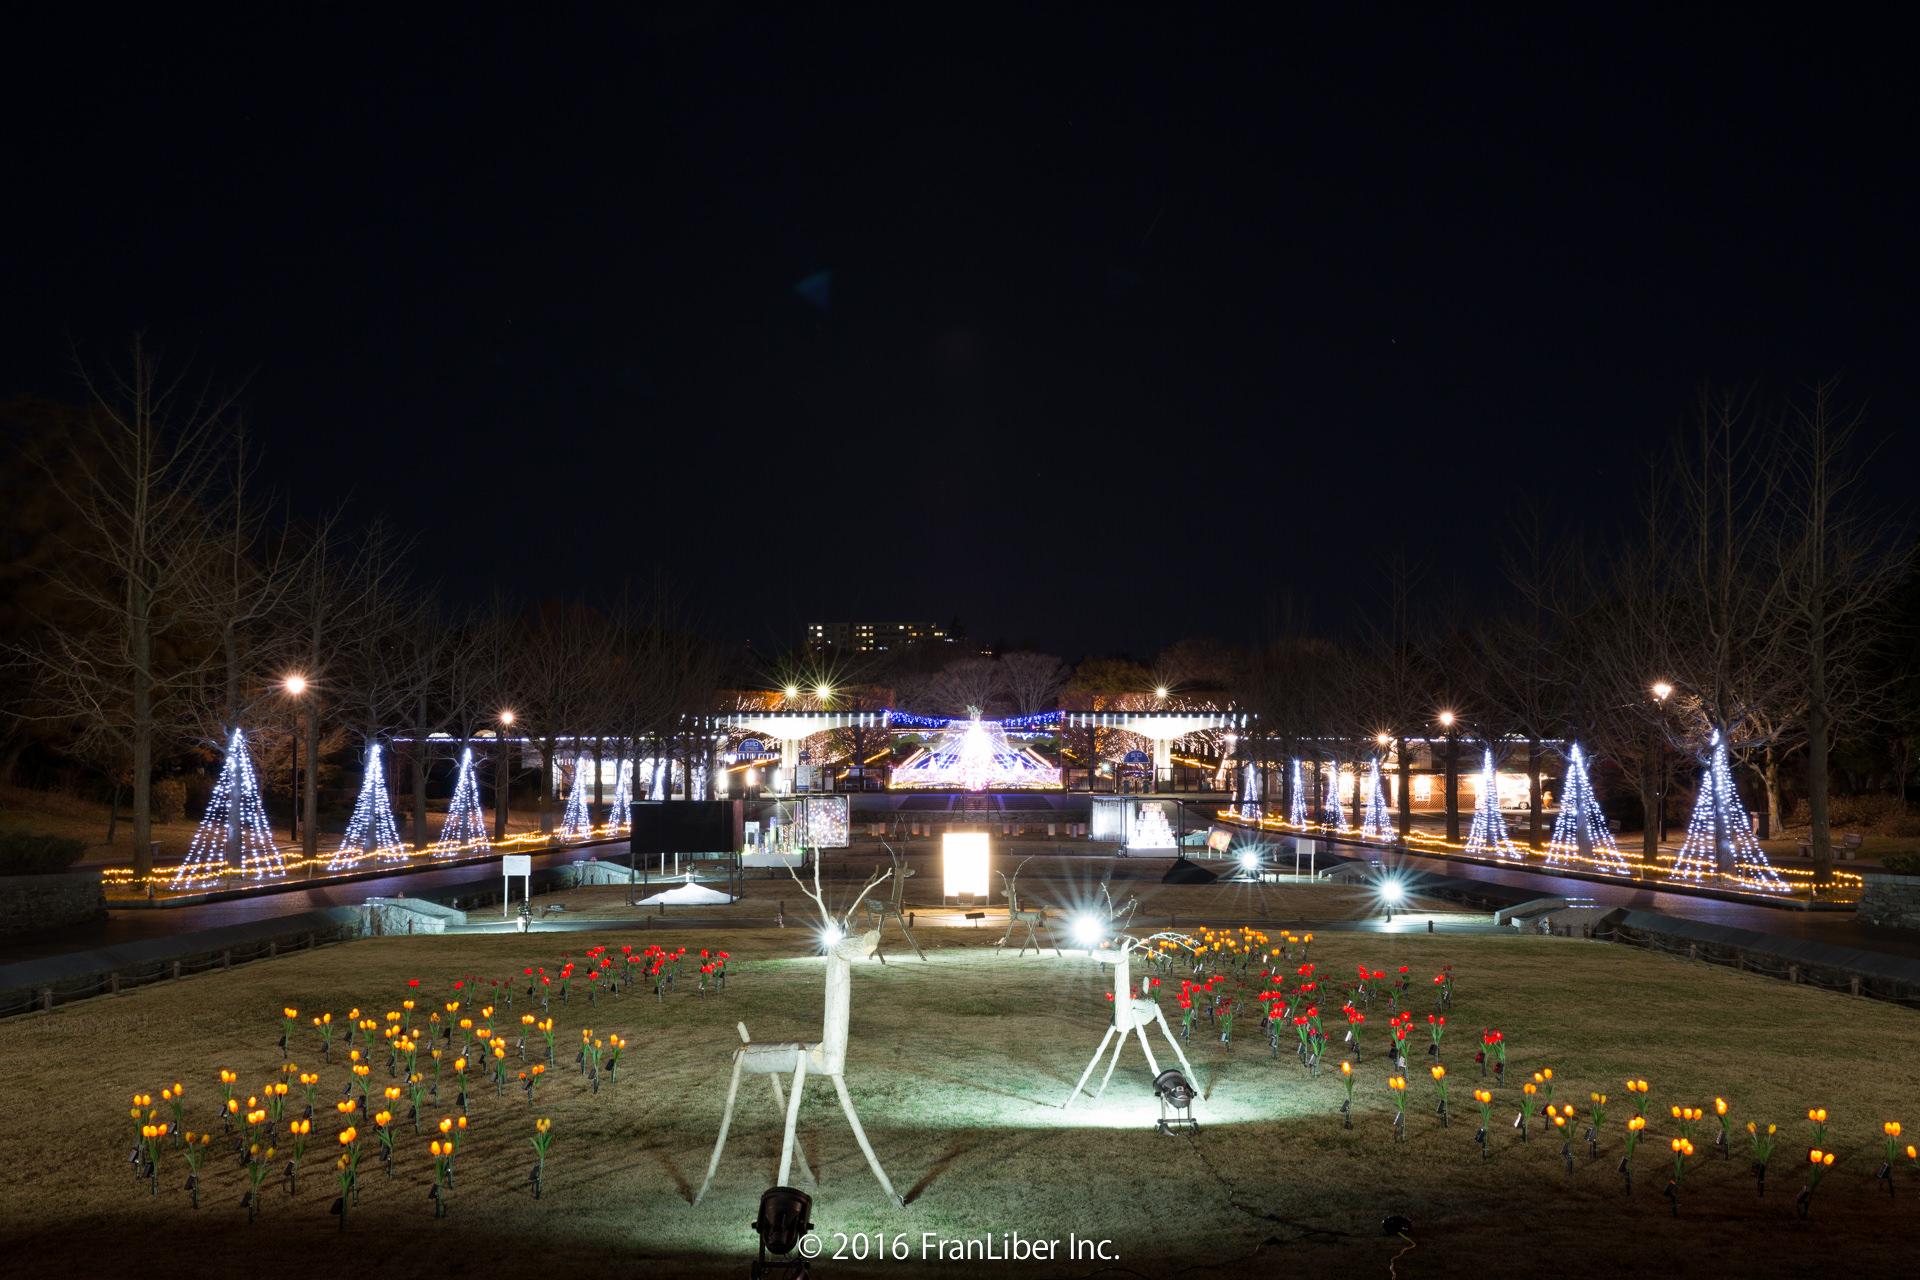 昭和記念公園の入口付近のイルミネーション